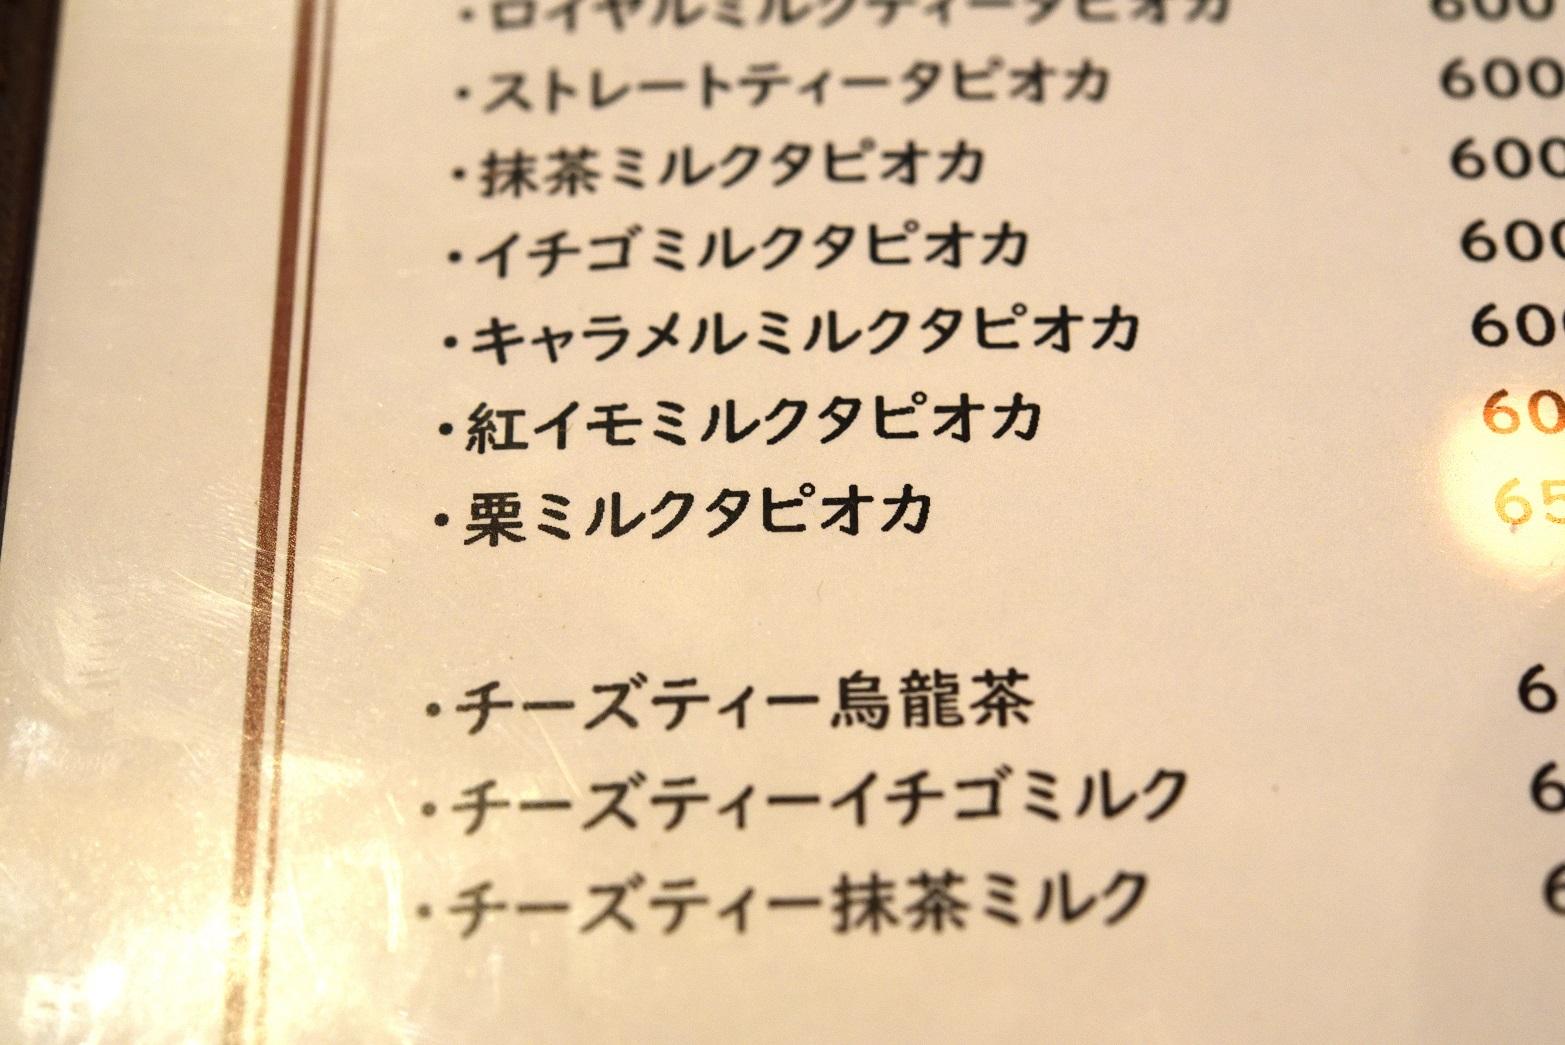 ひげのカフェ メニュー